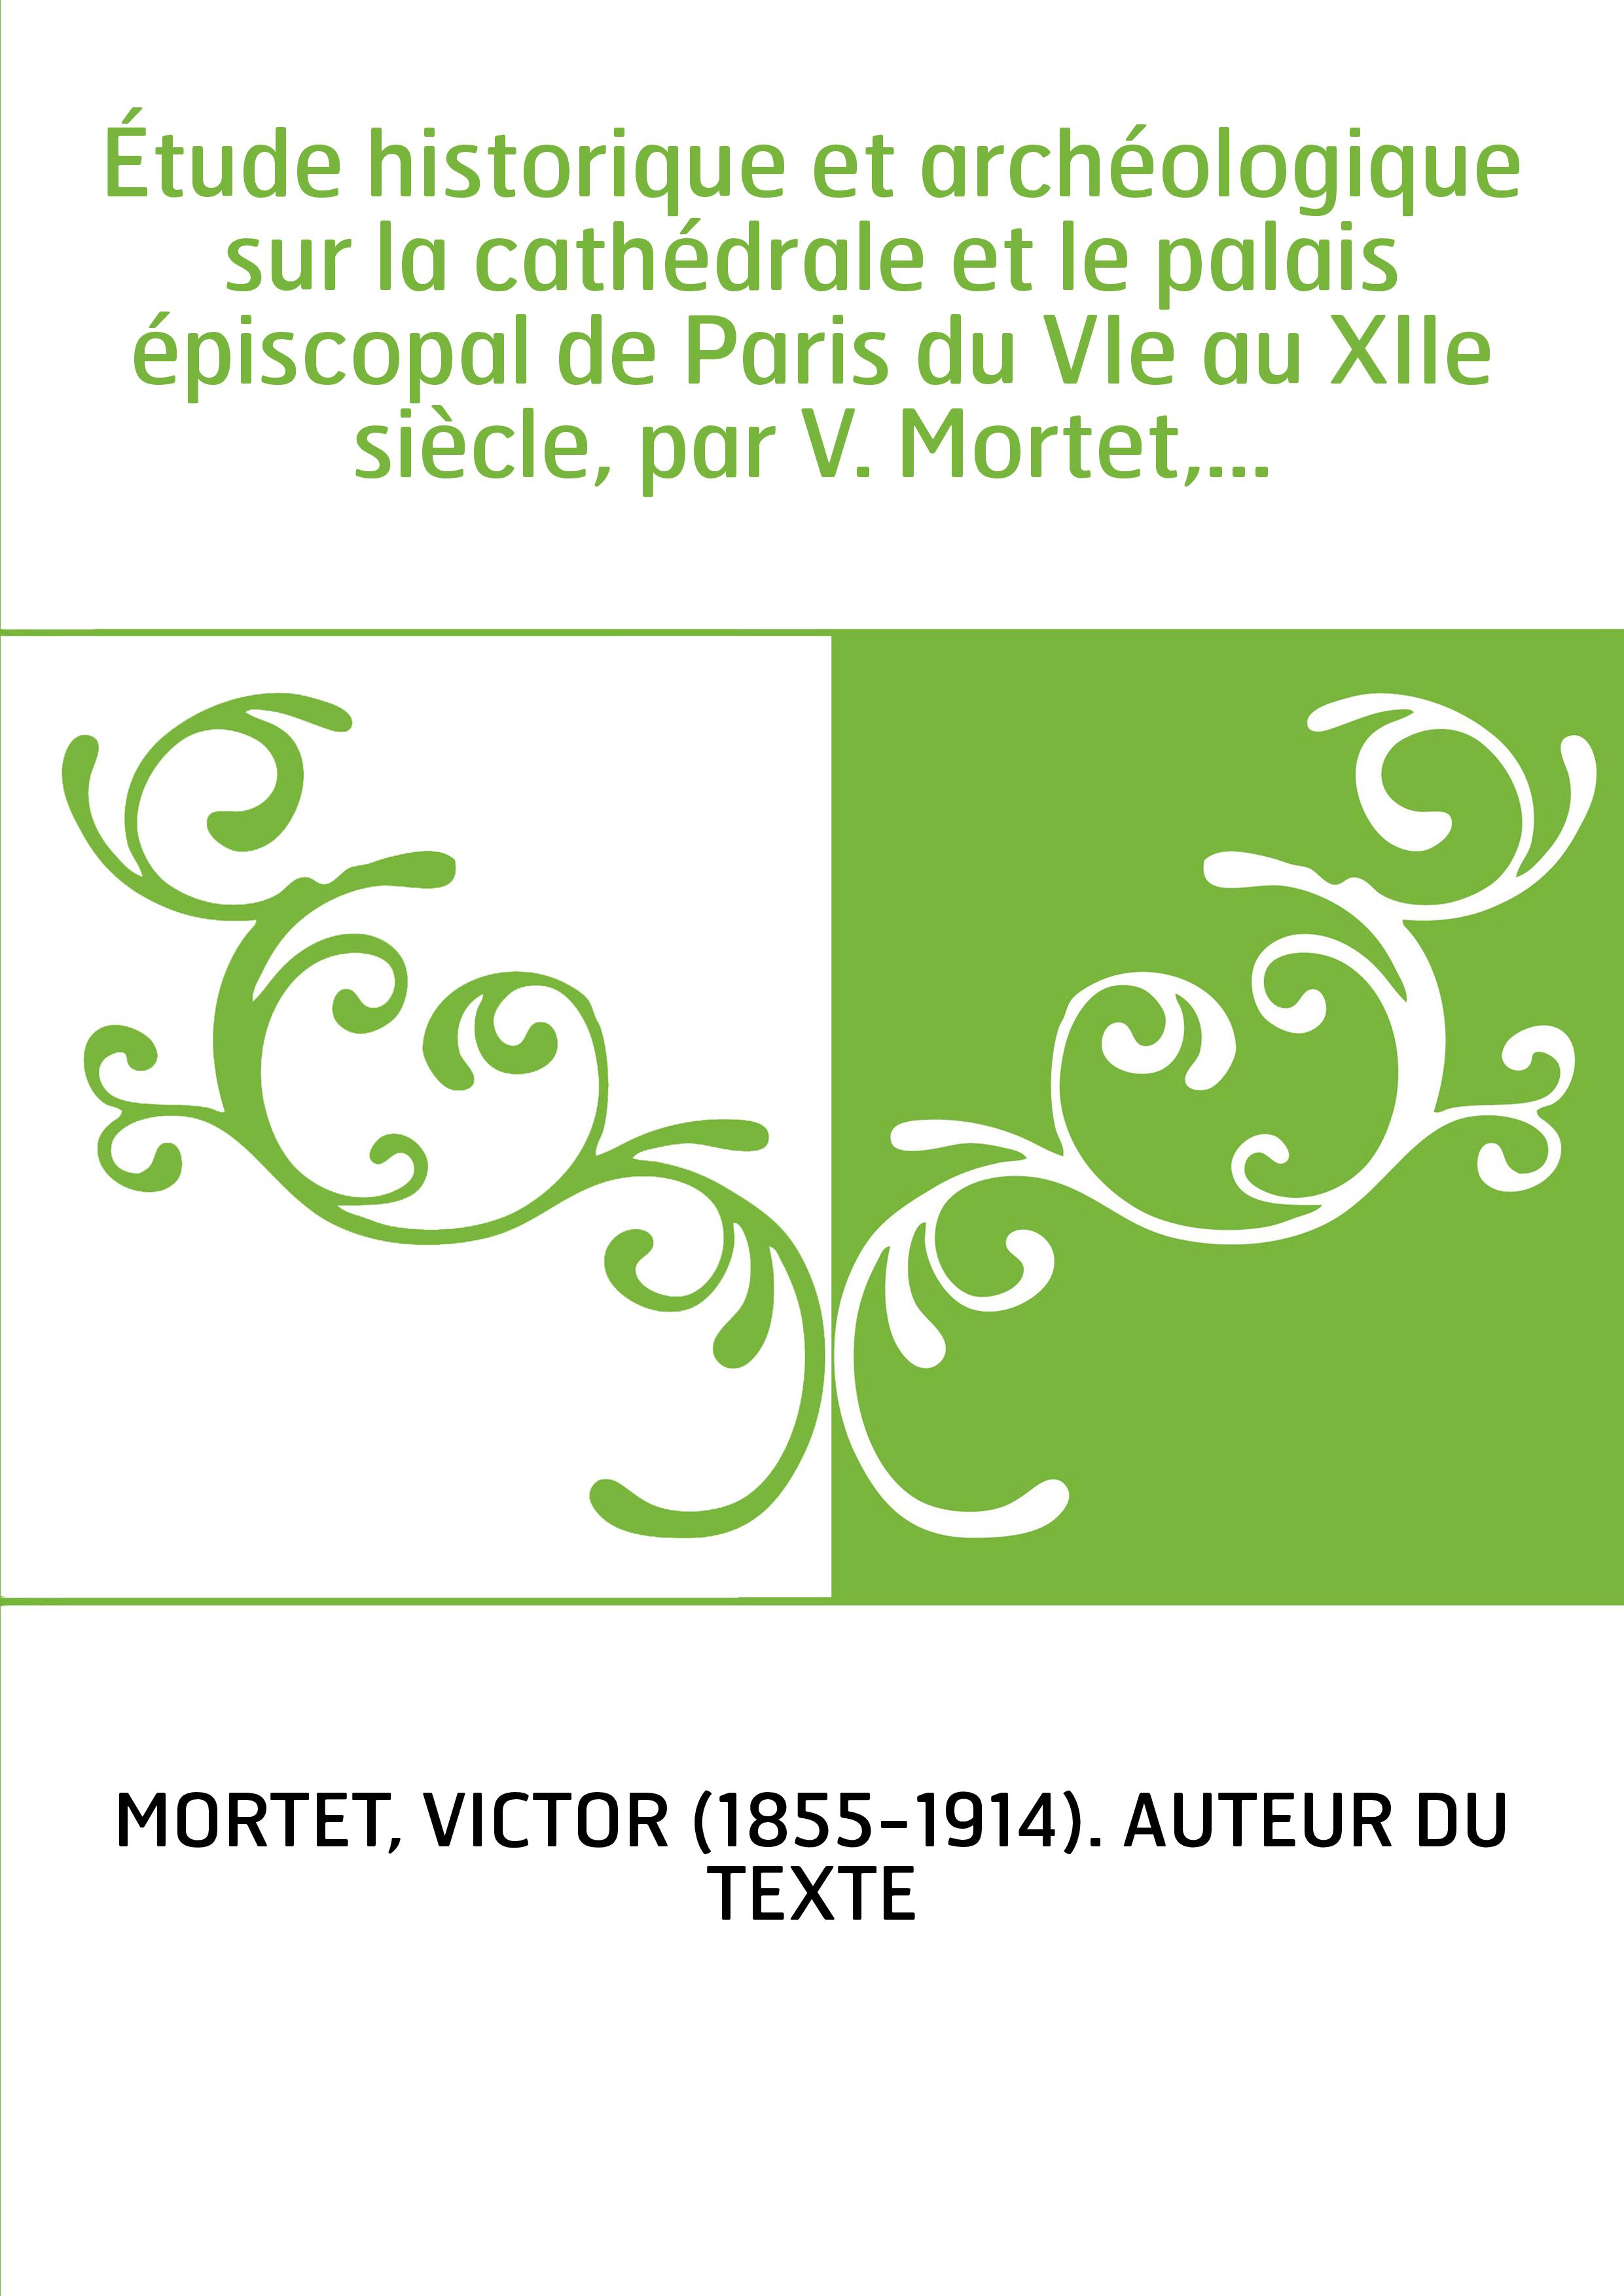 Étude historique et archéologique sur la cathédrale et le palais épiscopal de Paris du VIe au XIIe siècle, par V. Mortet,...